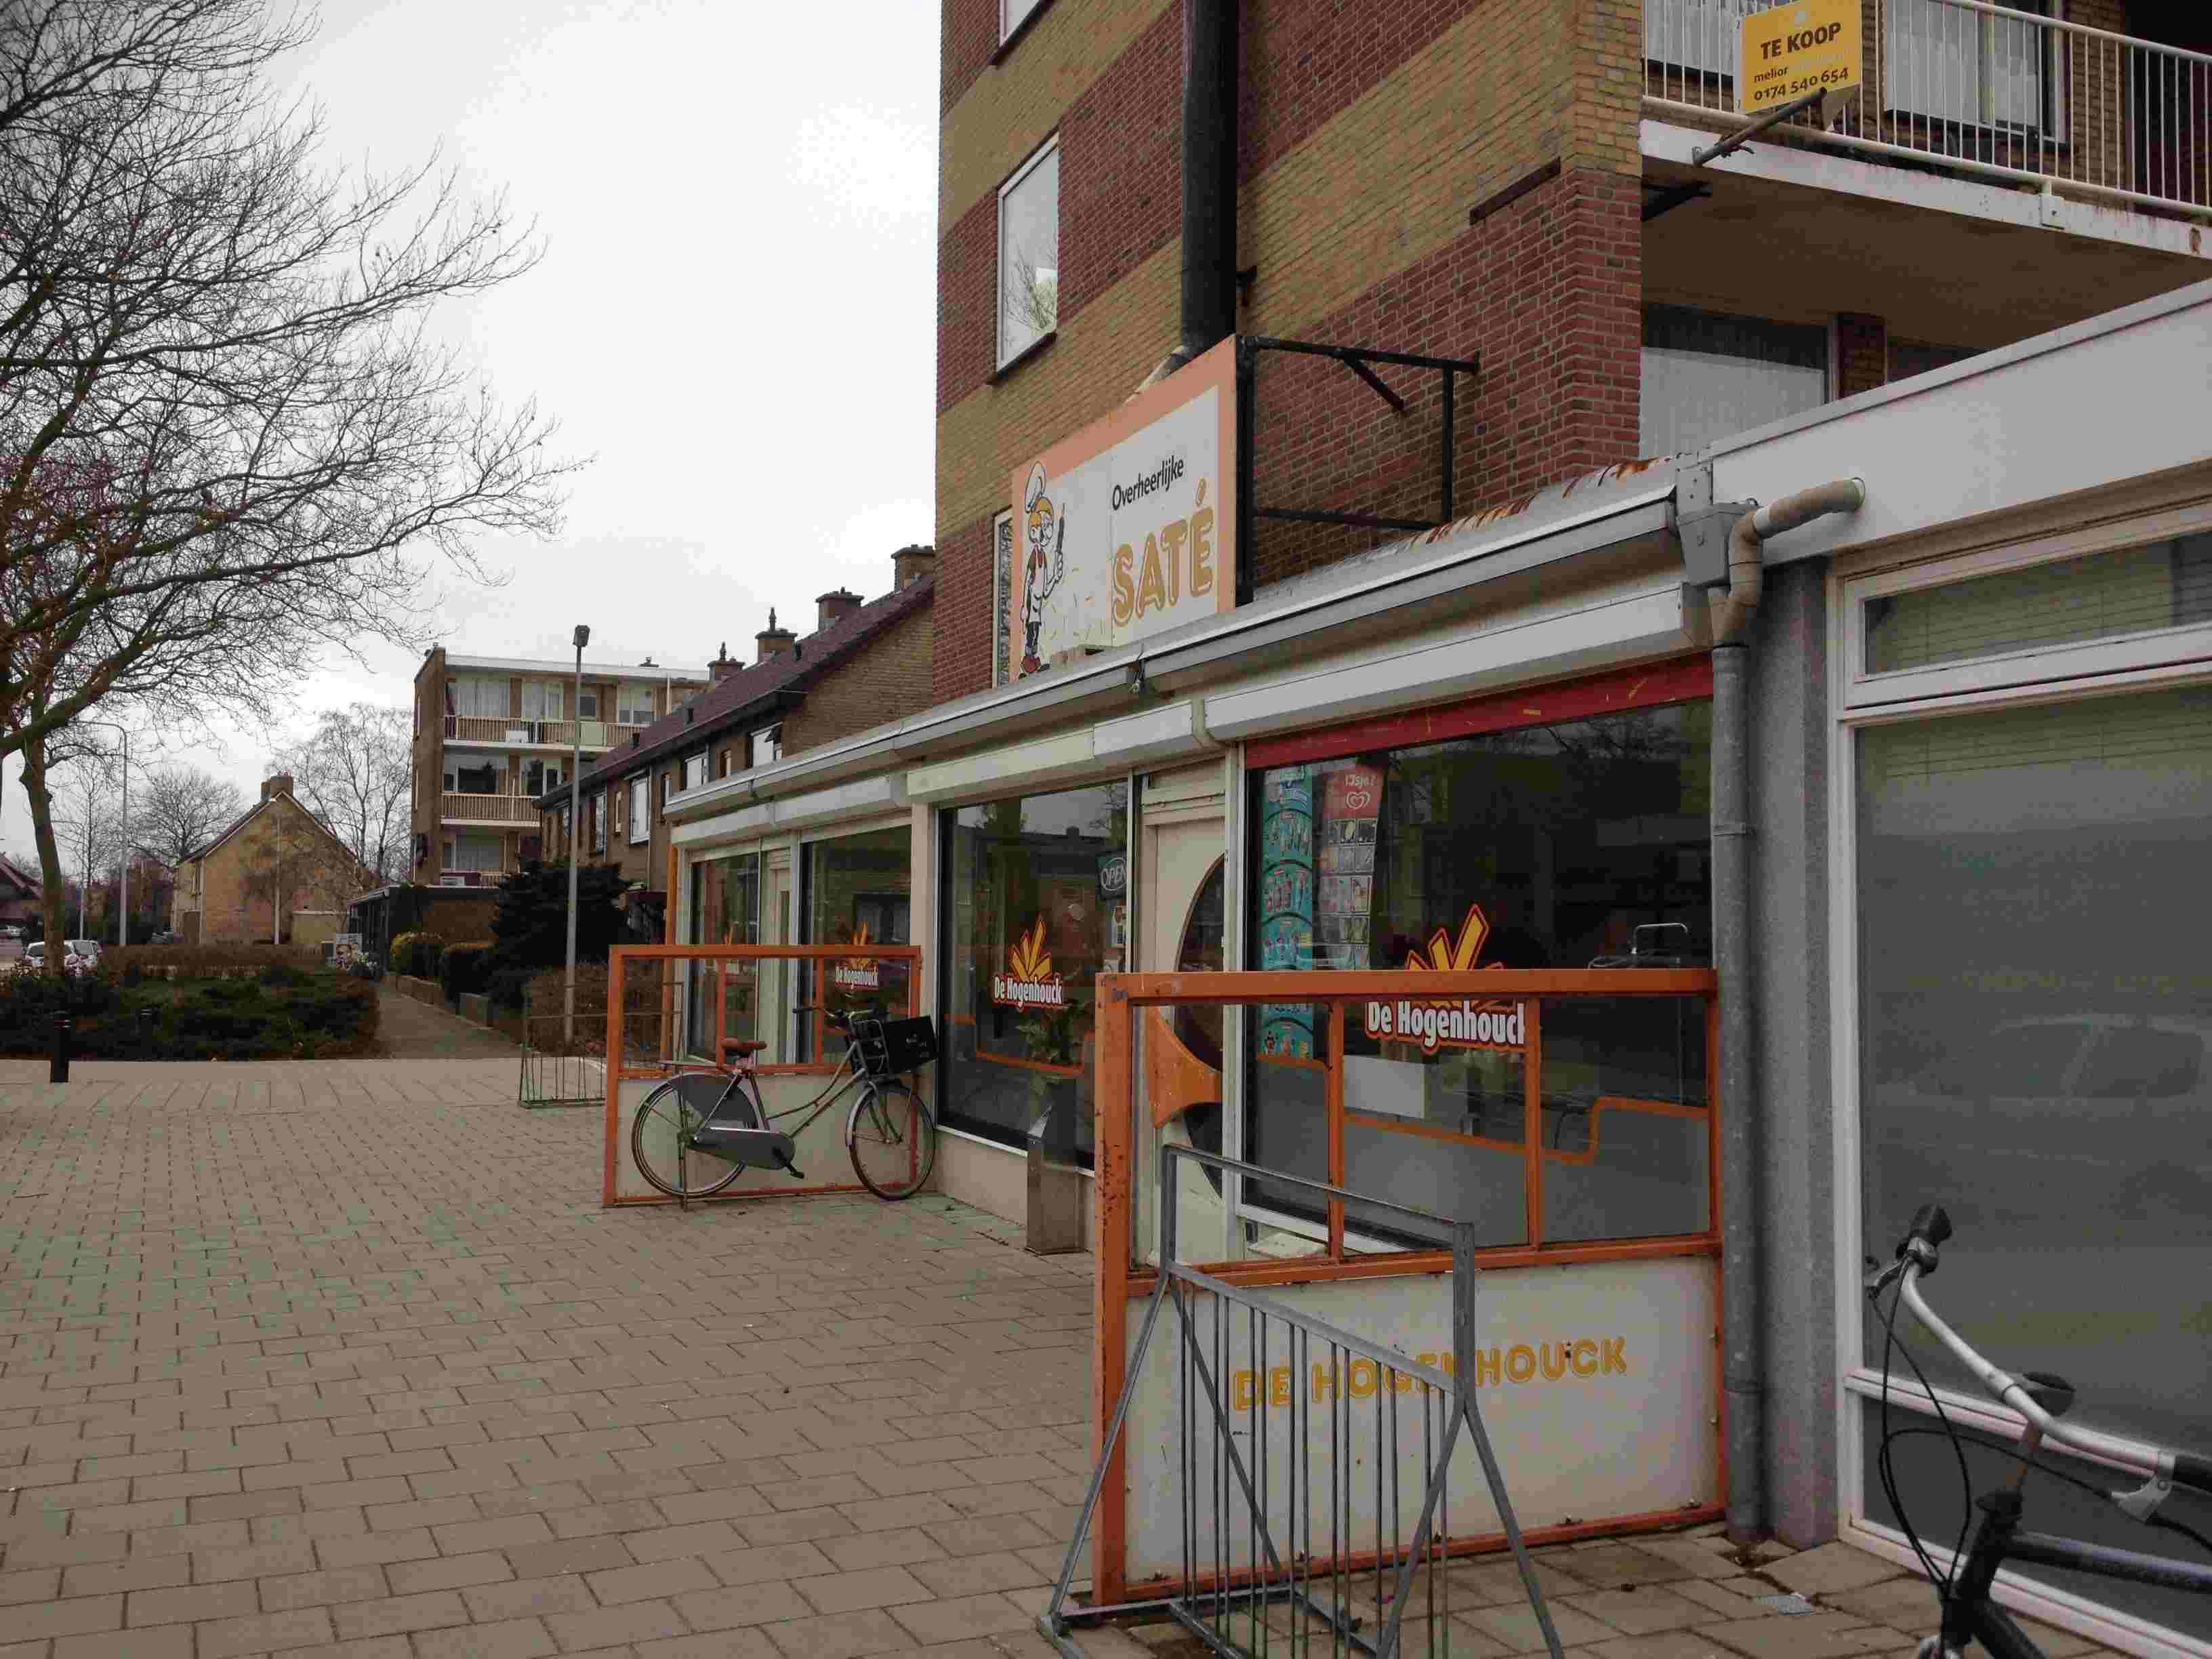 Snackbar De Hogenhouck